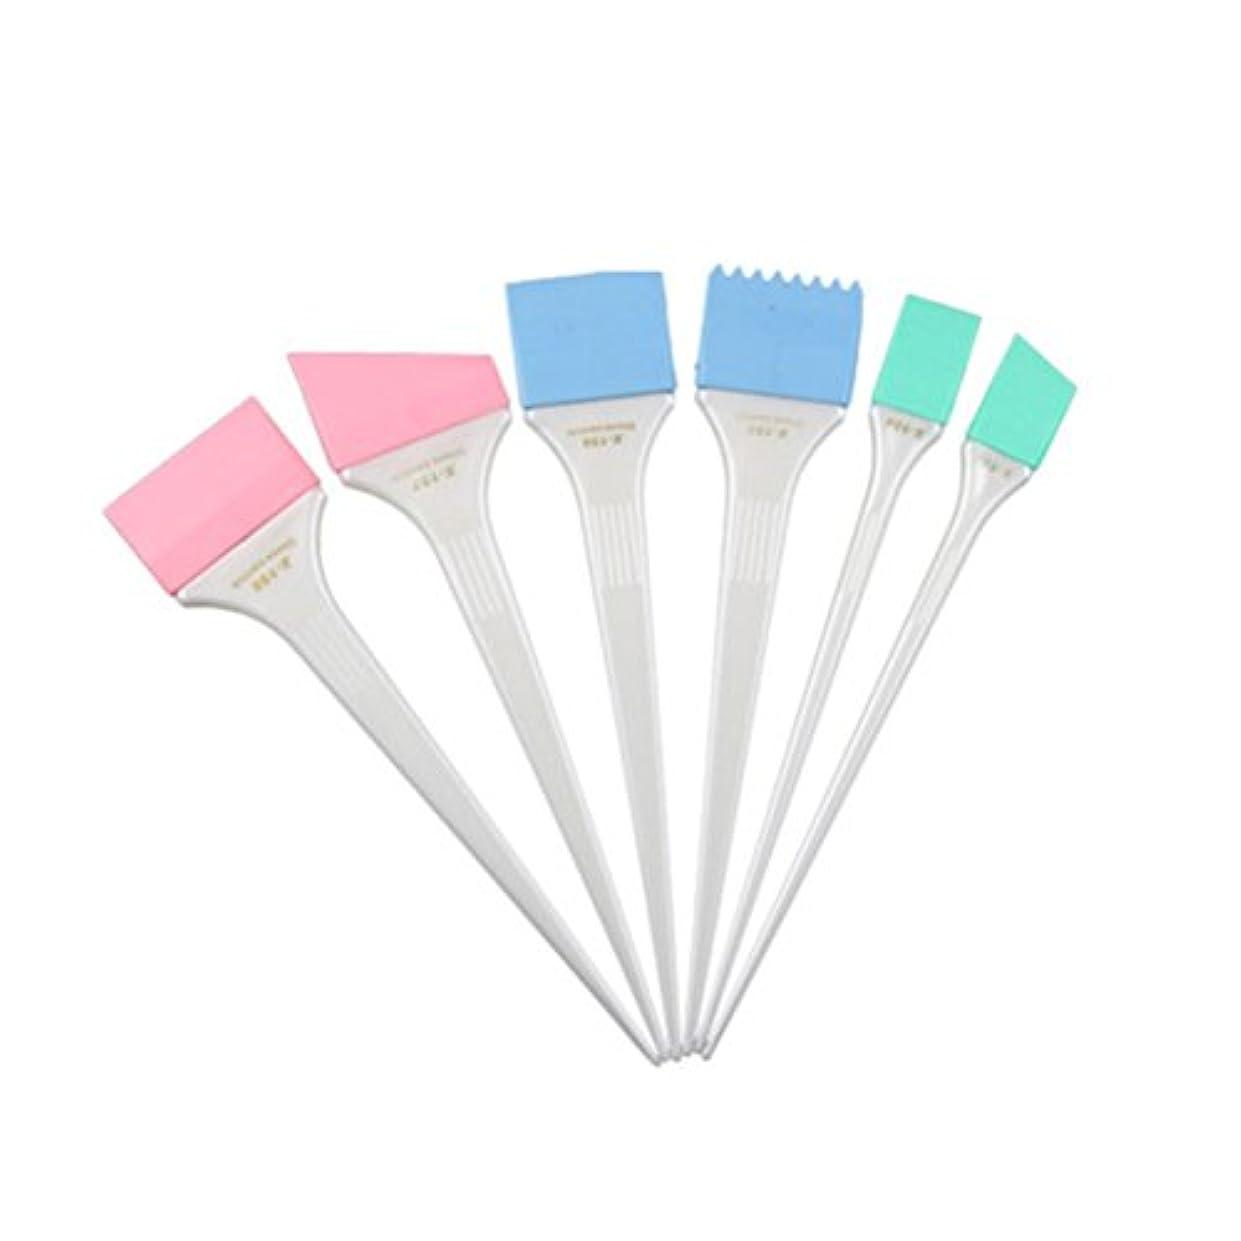 純正ブルーベルビーチWINOMO ハイライトコーム ヘアダイブラシ 染色コーム ヘアカラーブラシツール サロン 染色 ヘアカラー シリコーン ヘアミキシングセット 6個セット(ホワイト)